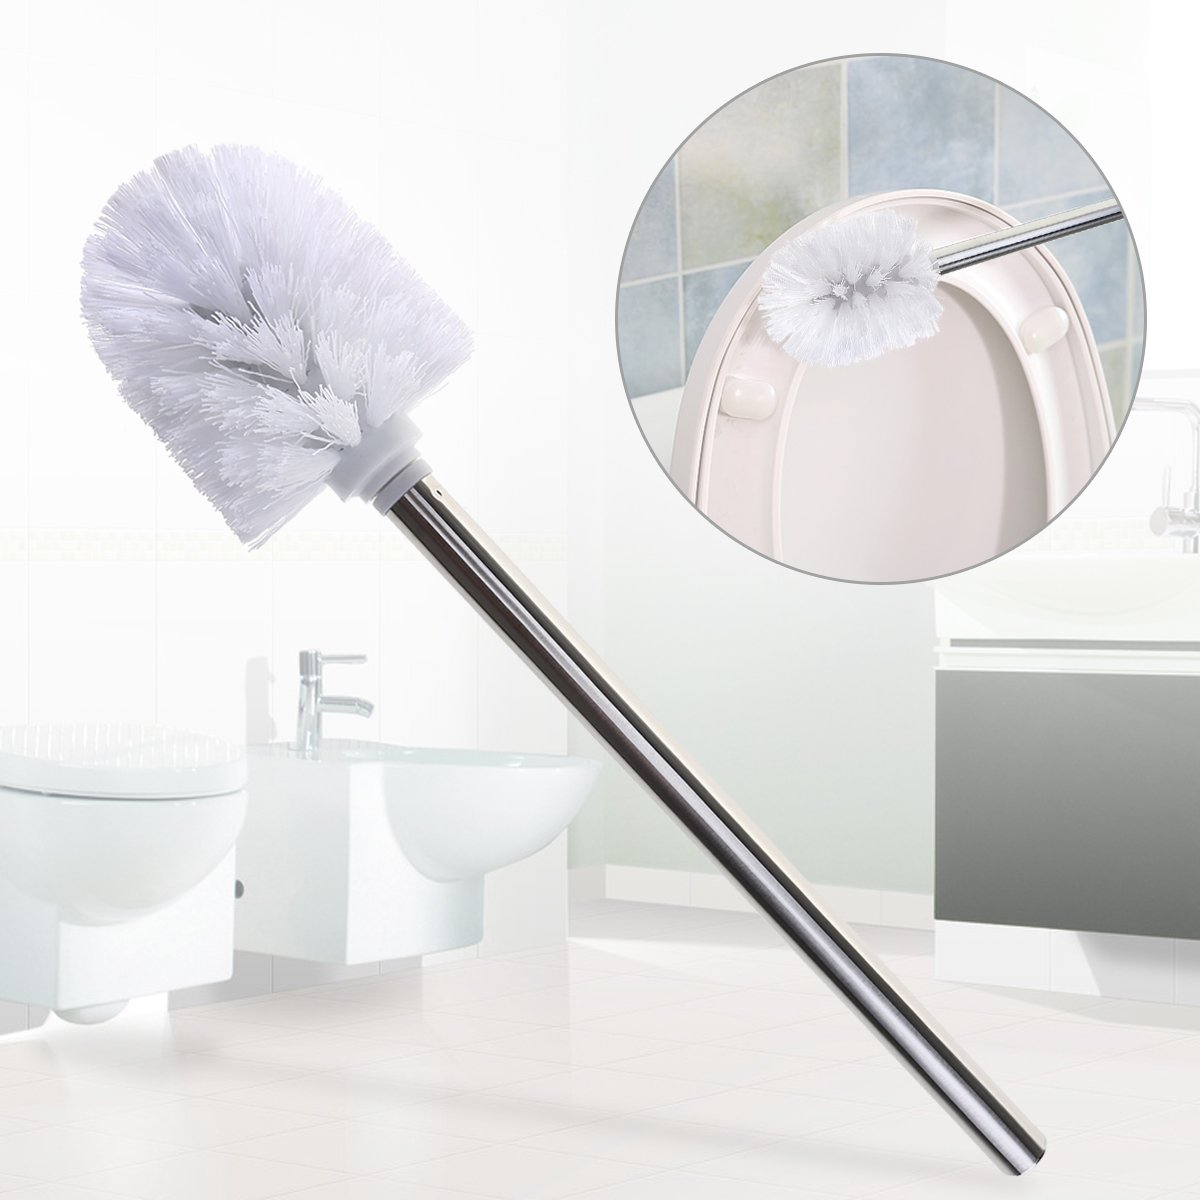 3 scopini per pulizia del bagno con manico in acciaio inox LEORX